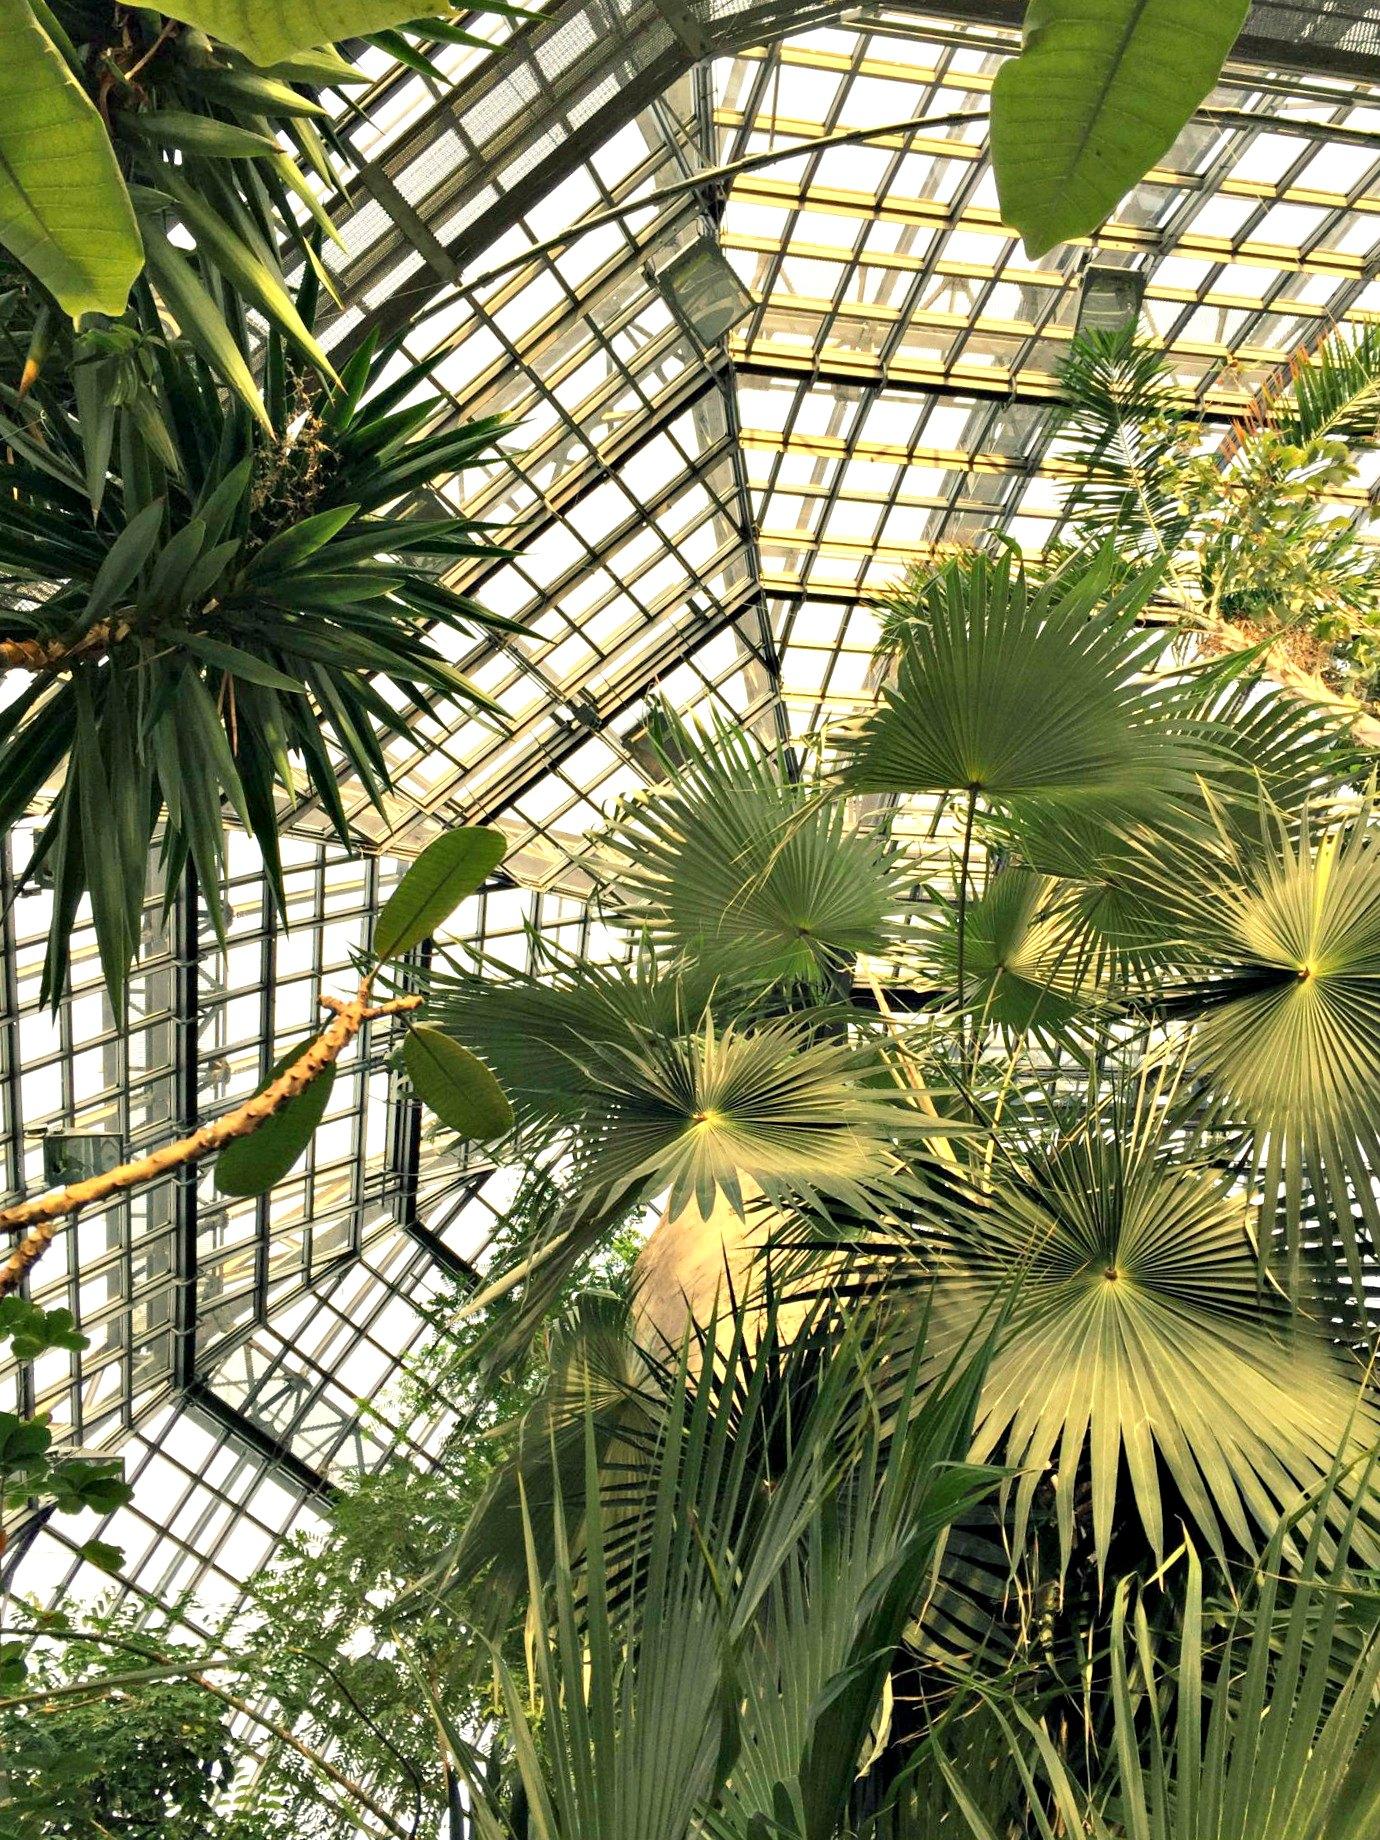 Botanischer Garten Berlin Dahlem Berlin Tipps Inspiration Travelcats